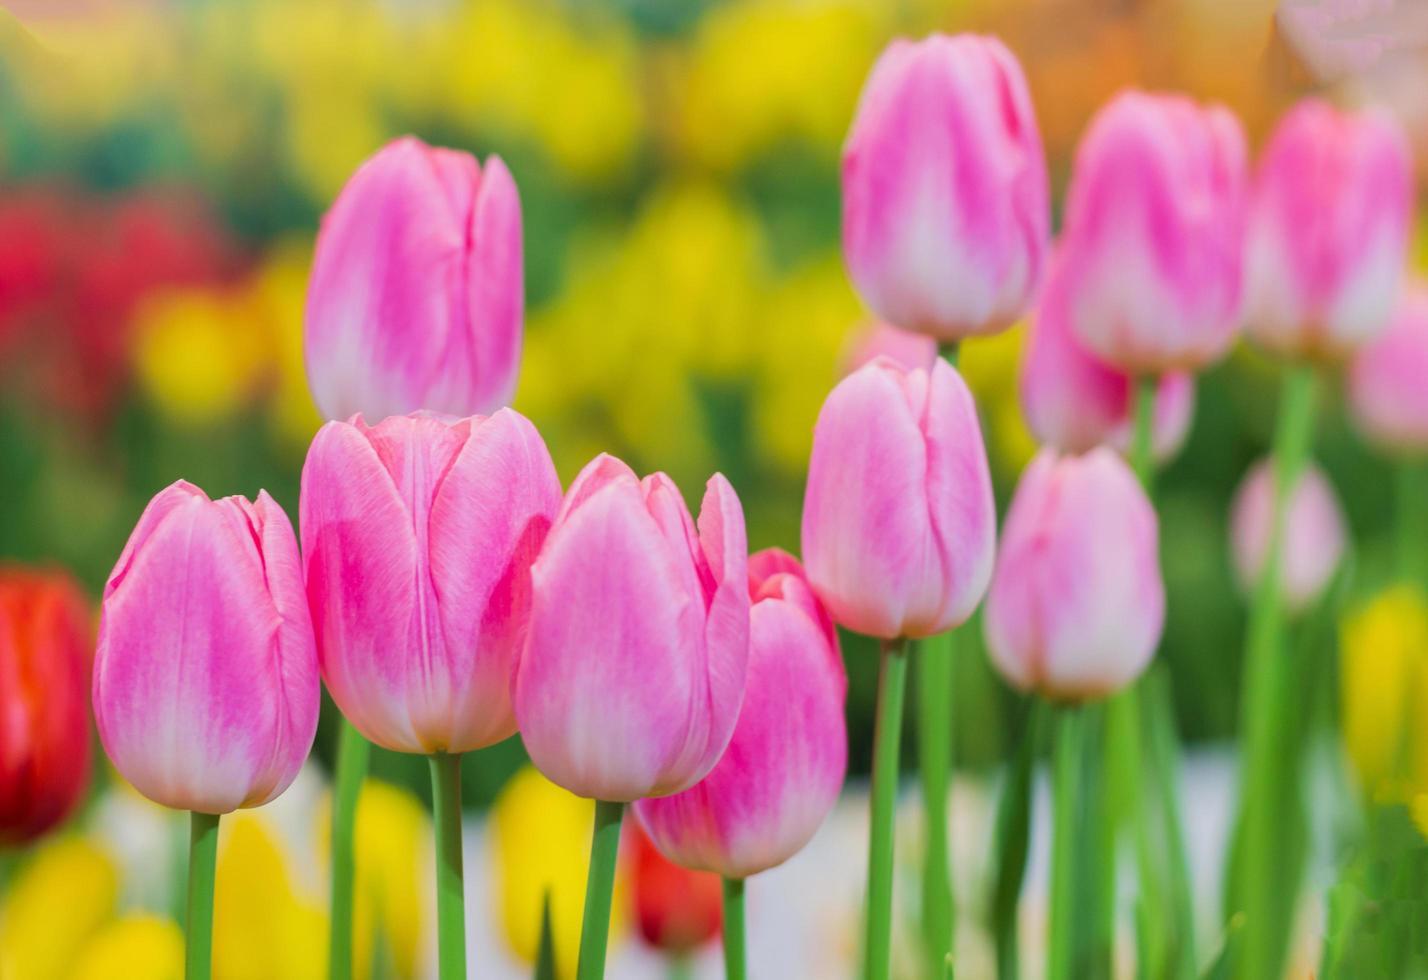 Pink tulip flowers in garden photo